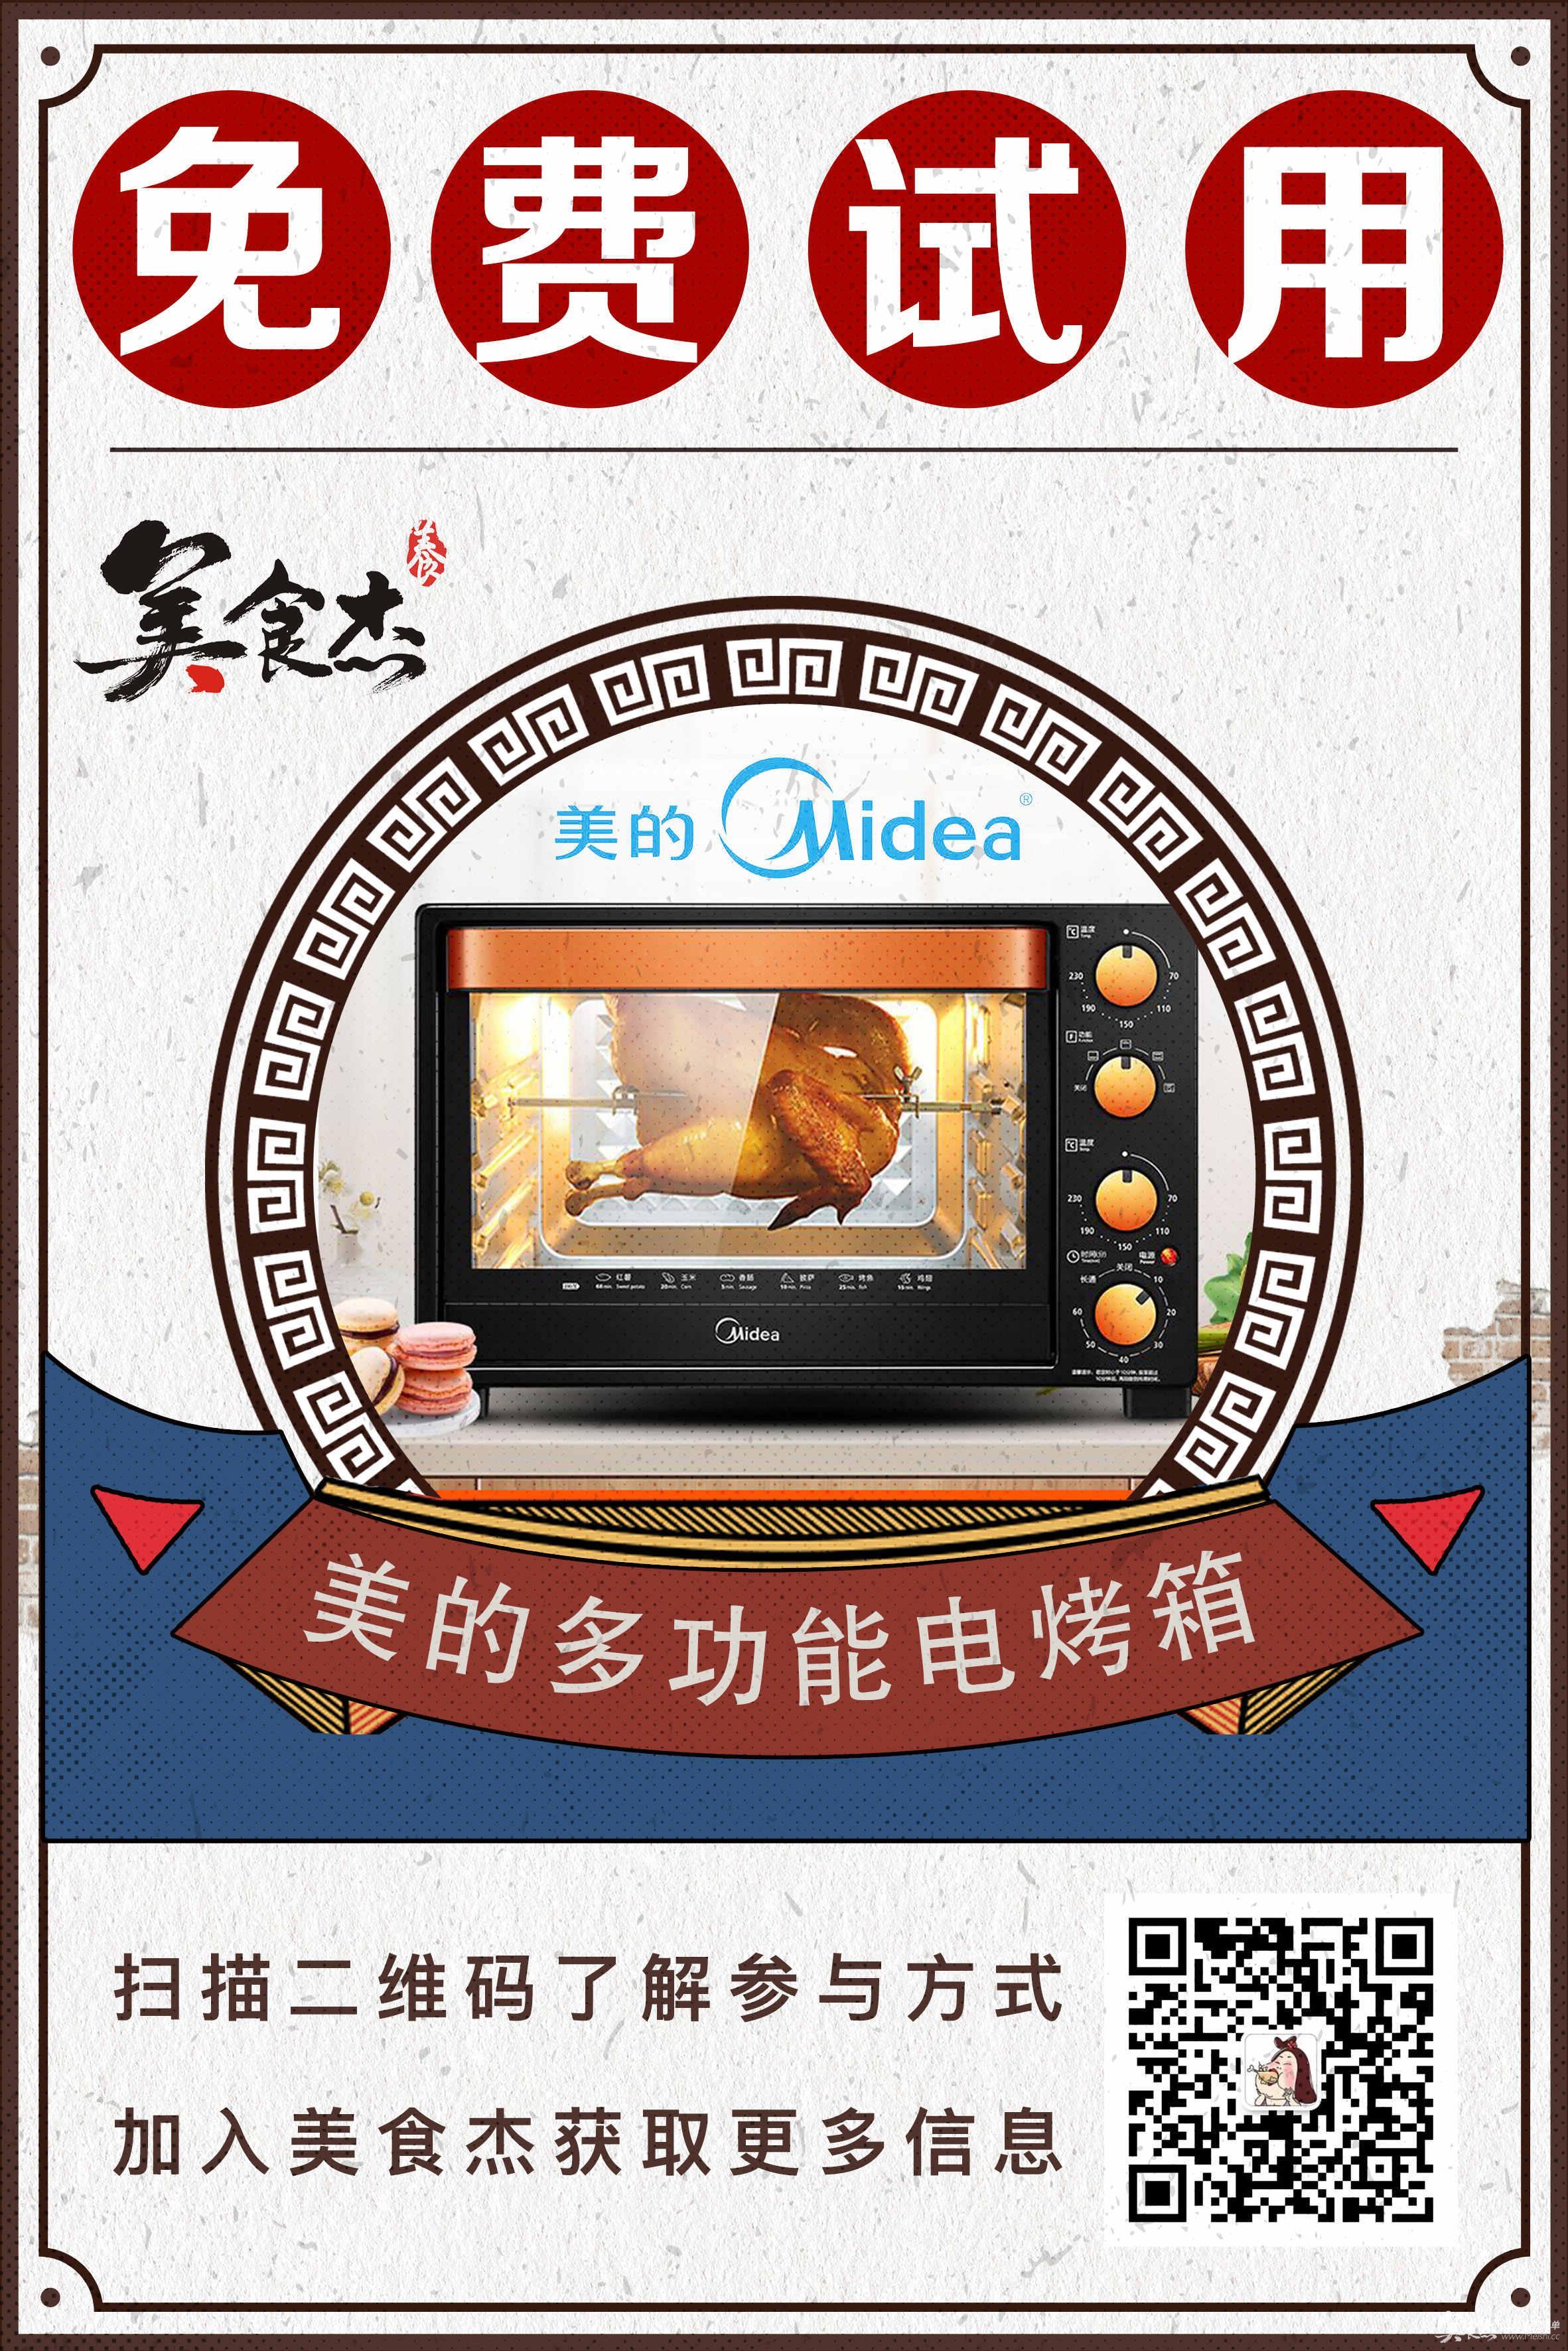 产品微信宣传图_副本.jpg